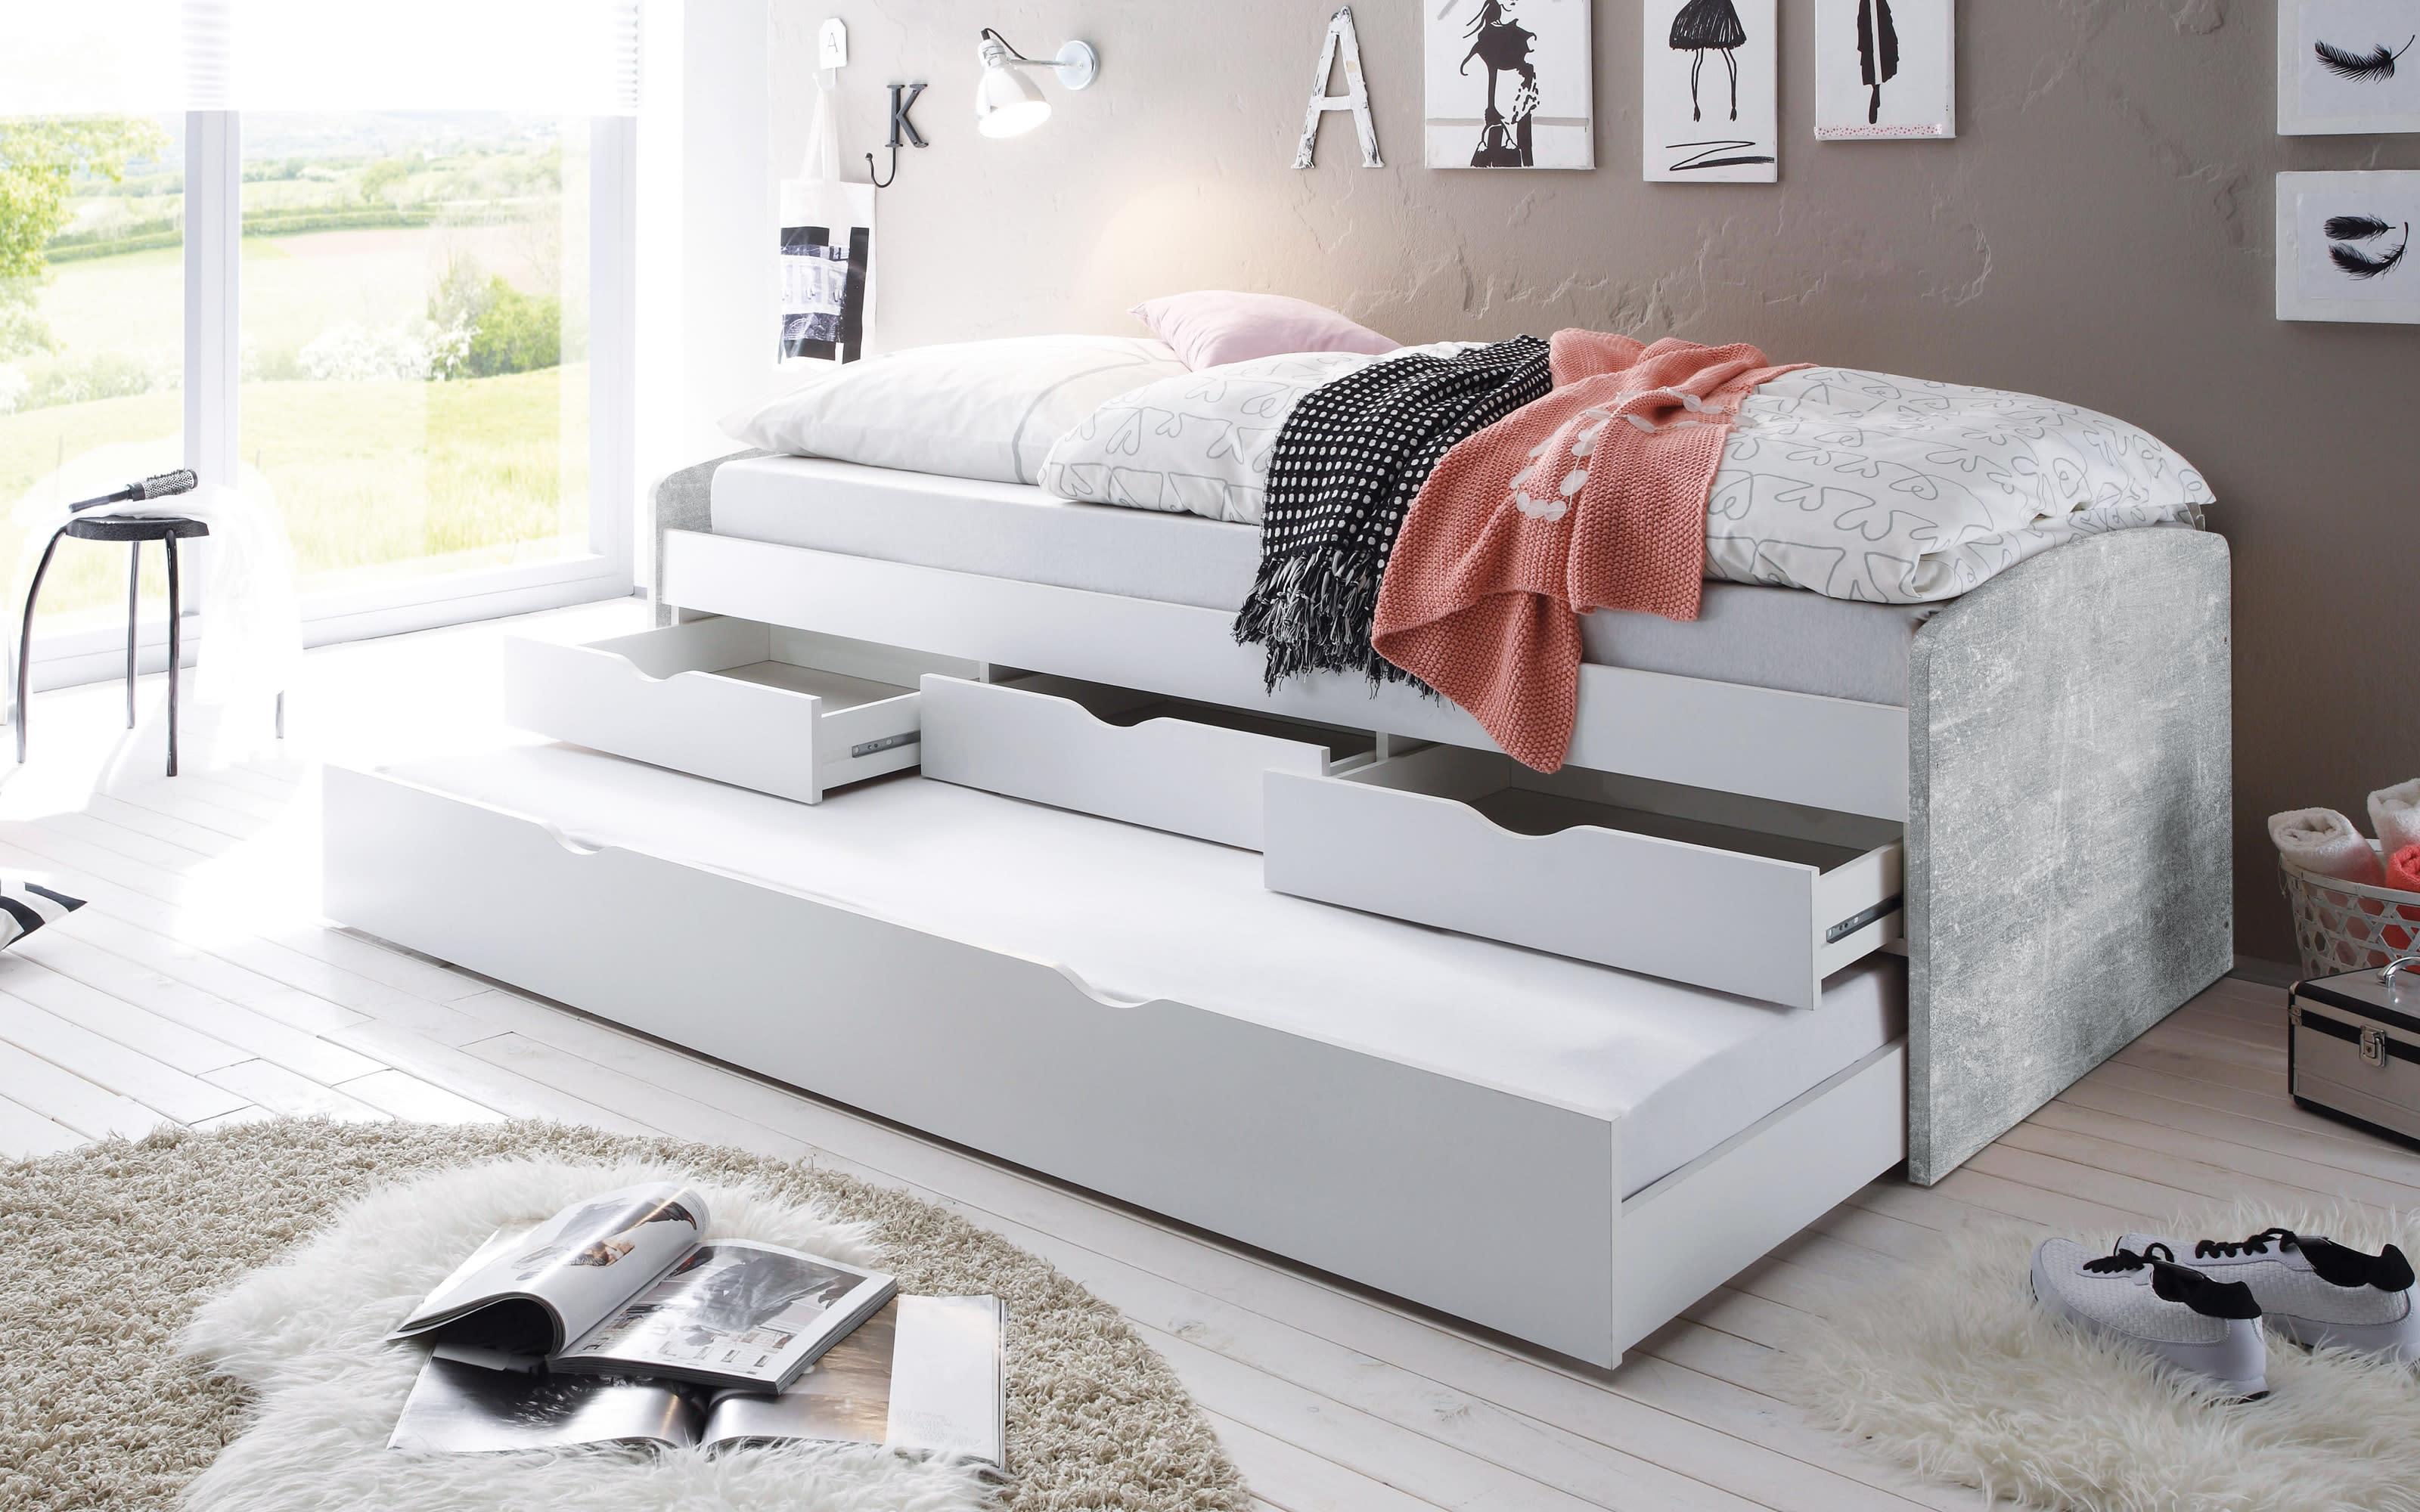 Tandemliege Nessi in betonfarbig/weiß